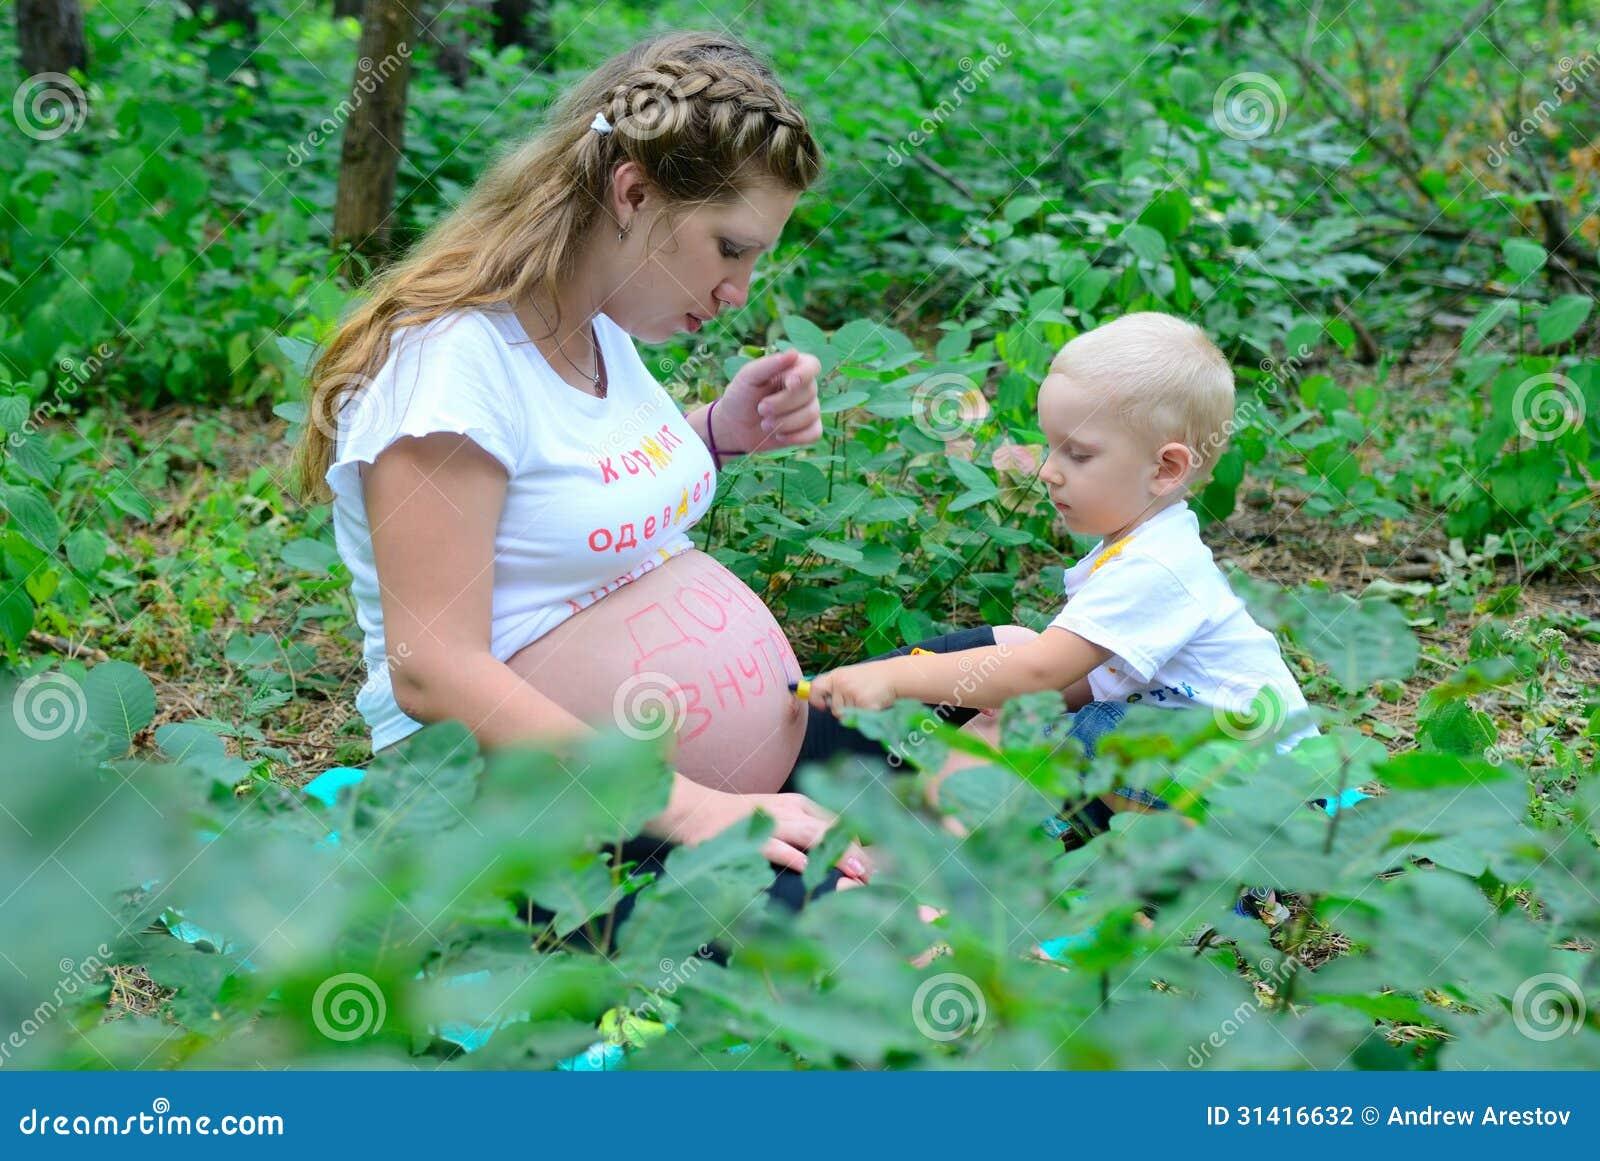 Как правильно беременная мальчик